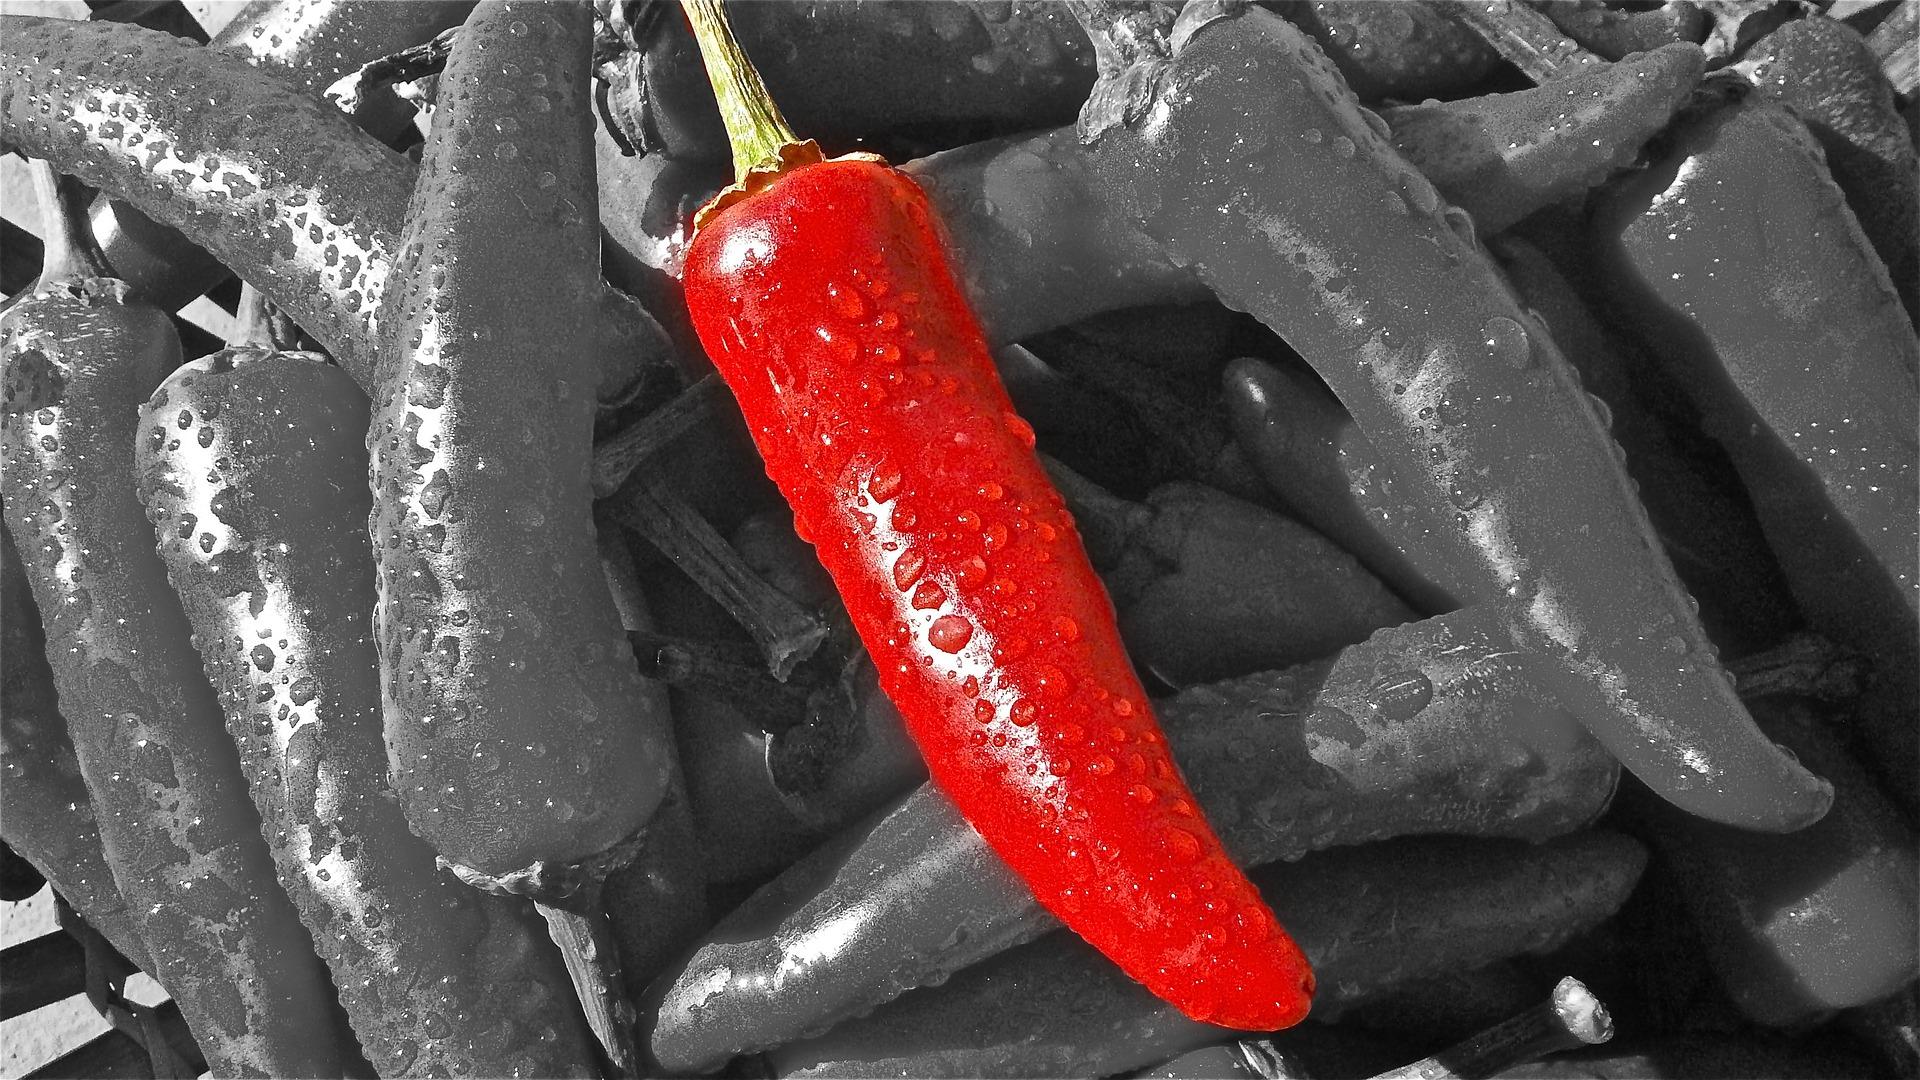 Scopri come allungare la vita con il peperoncino